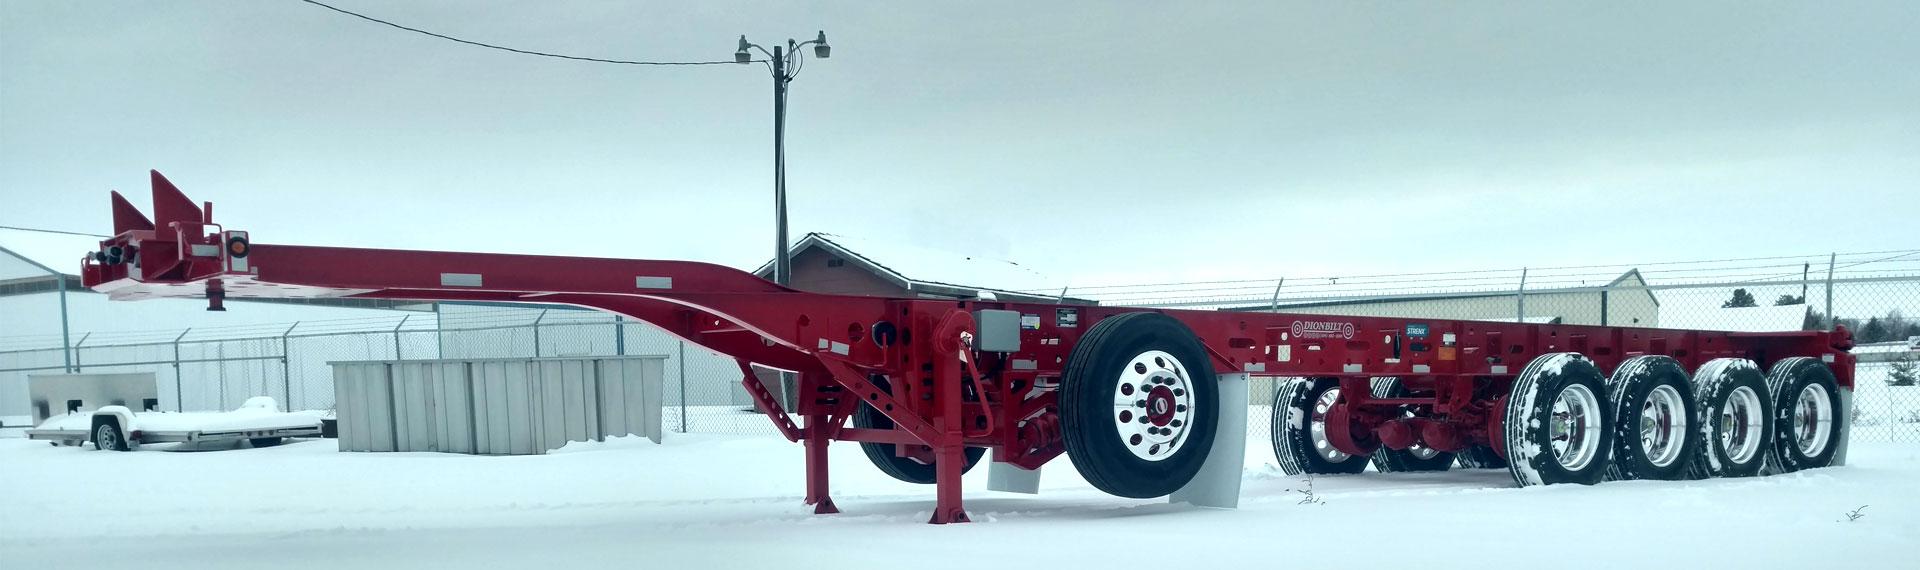 Chasis de un remolque largo y ligero fabricado con Strenx® 100 sobre terreno nevado